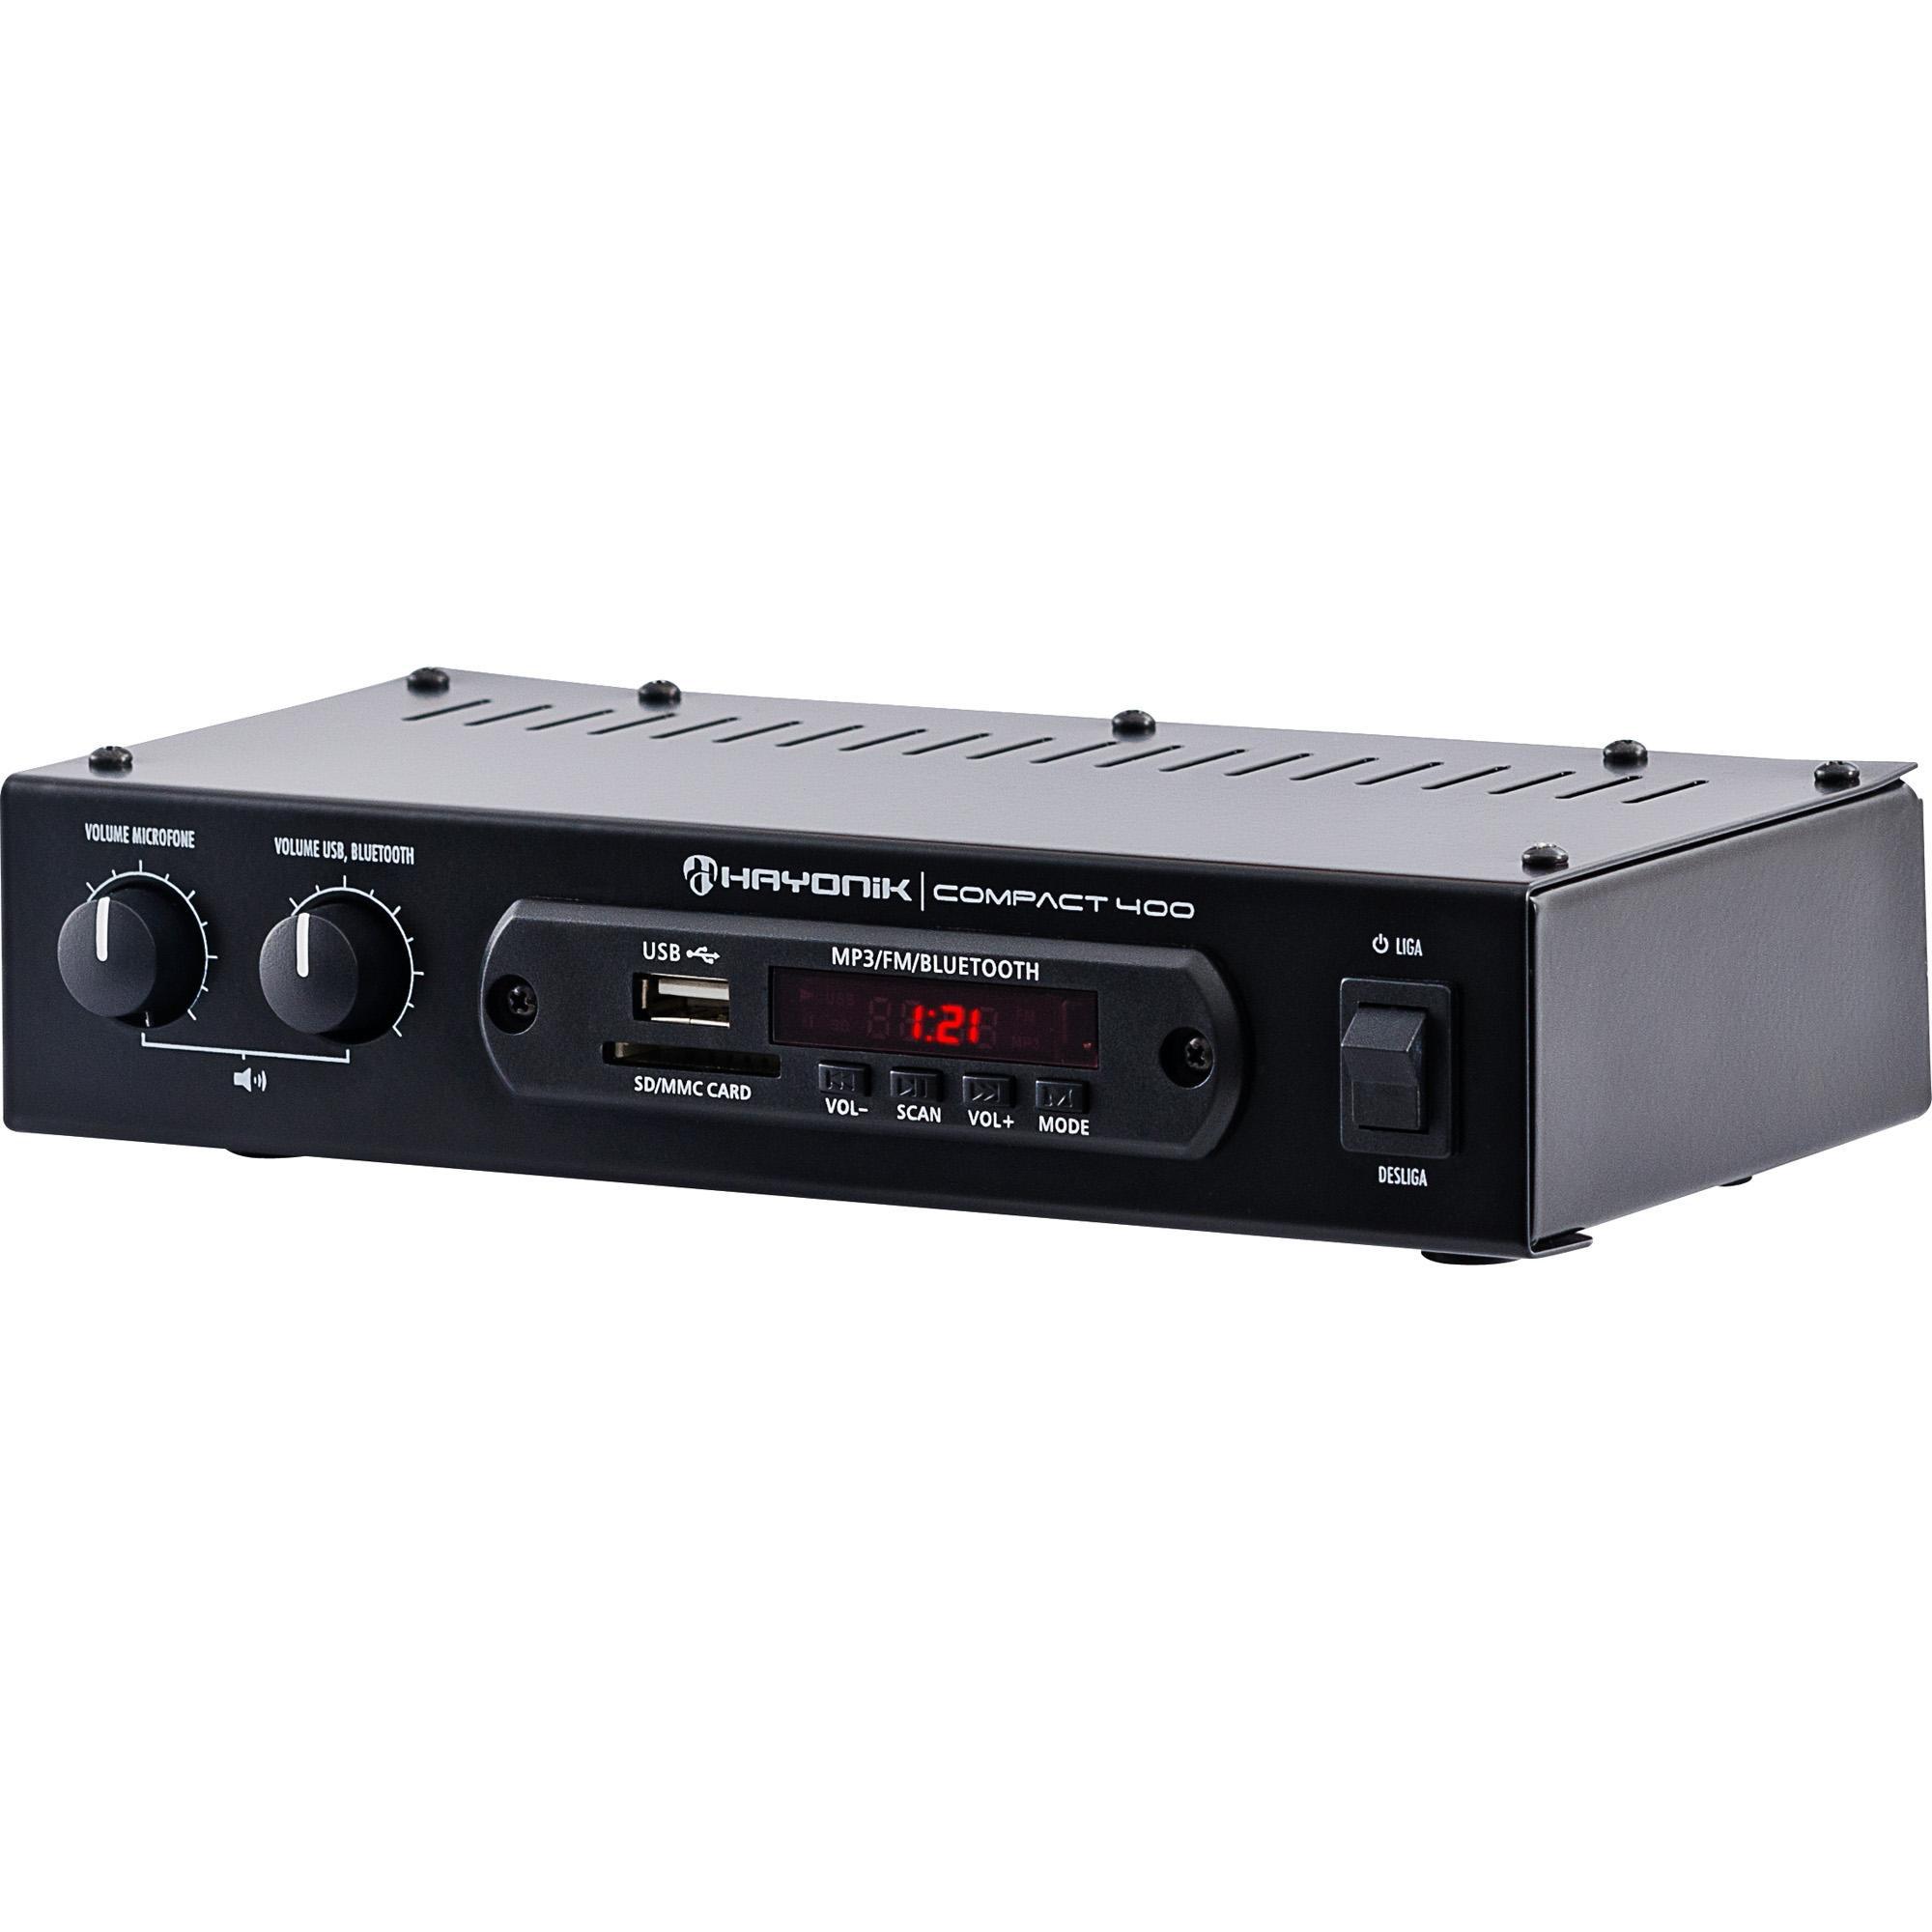 Amplificador 40W RMS com Bluetooth COMPACT 400 HAYONIK